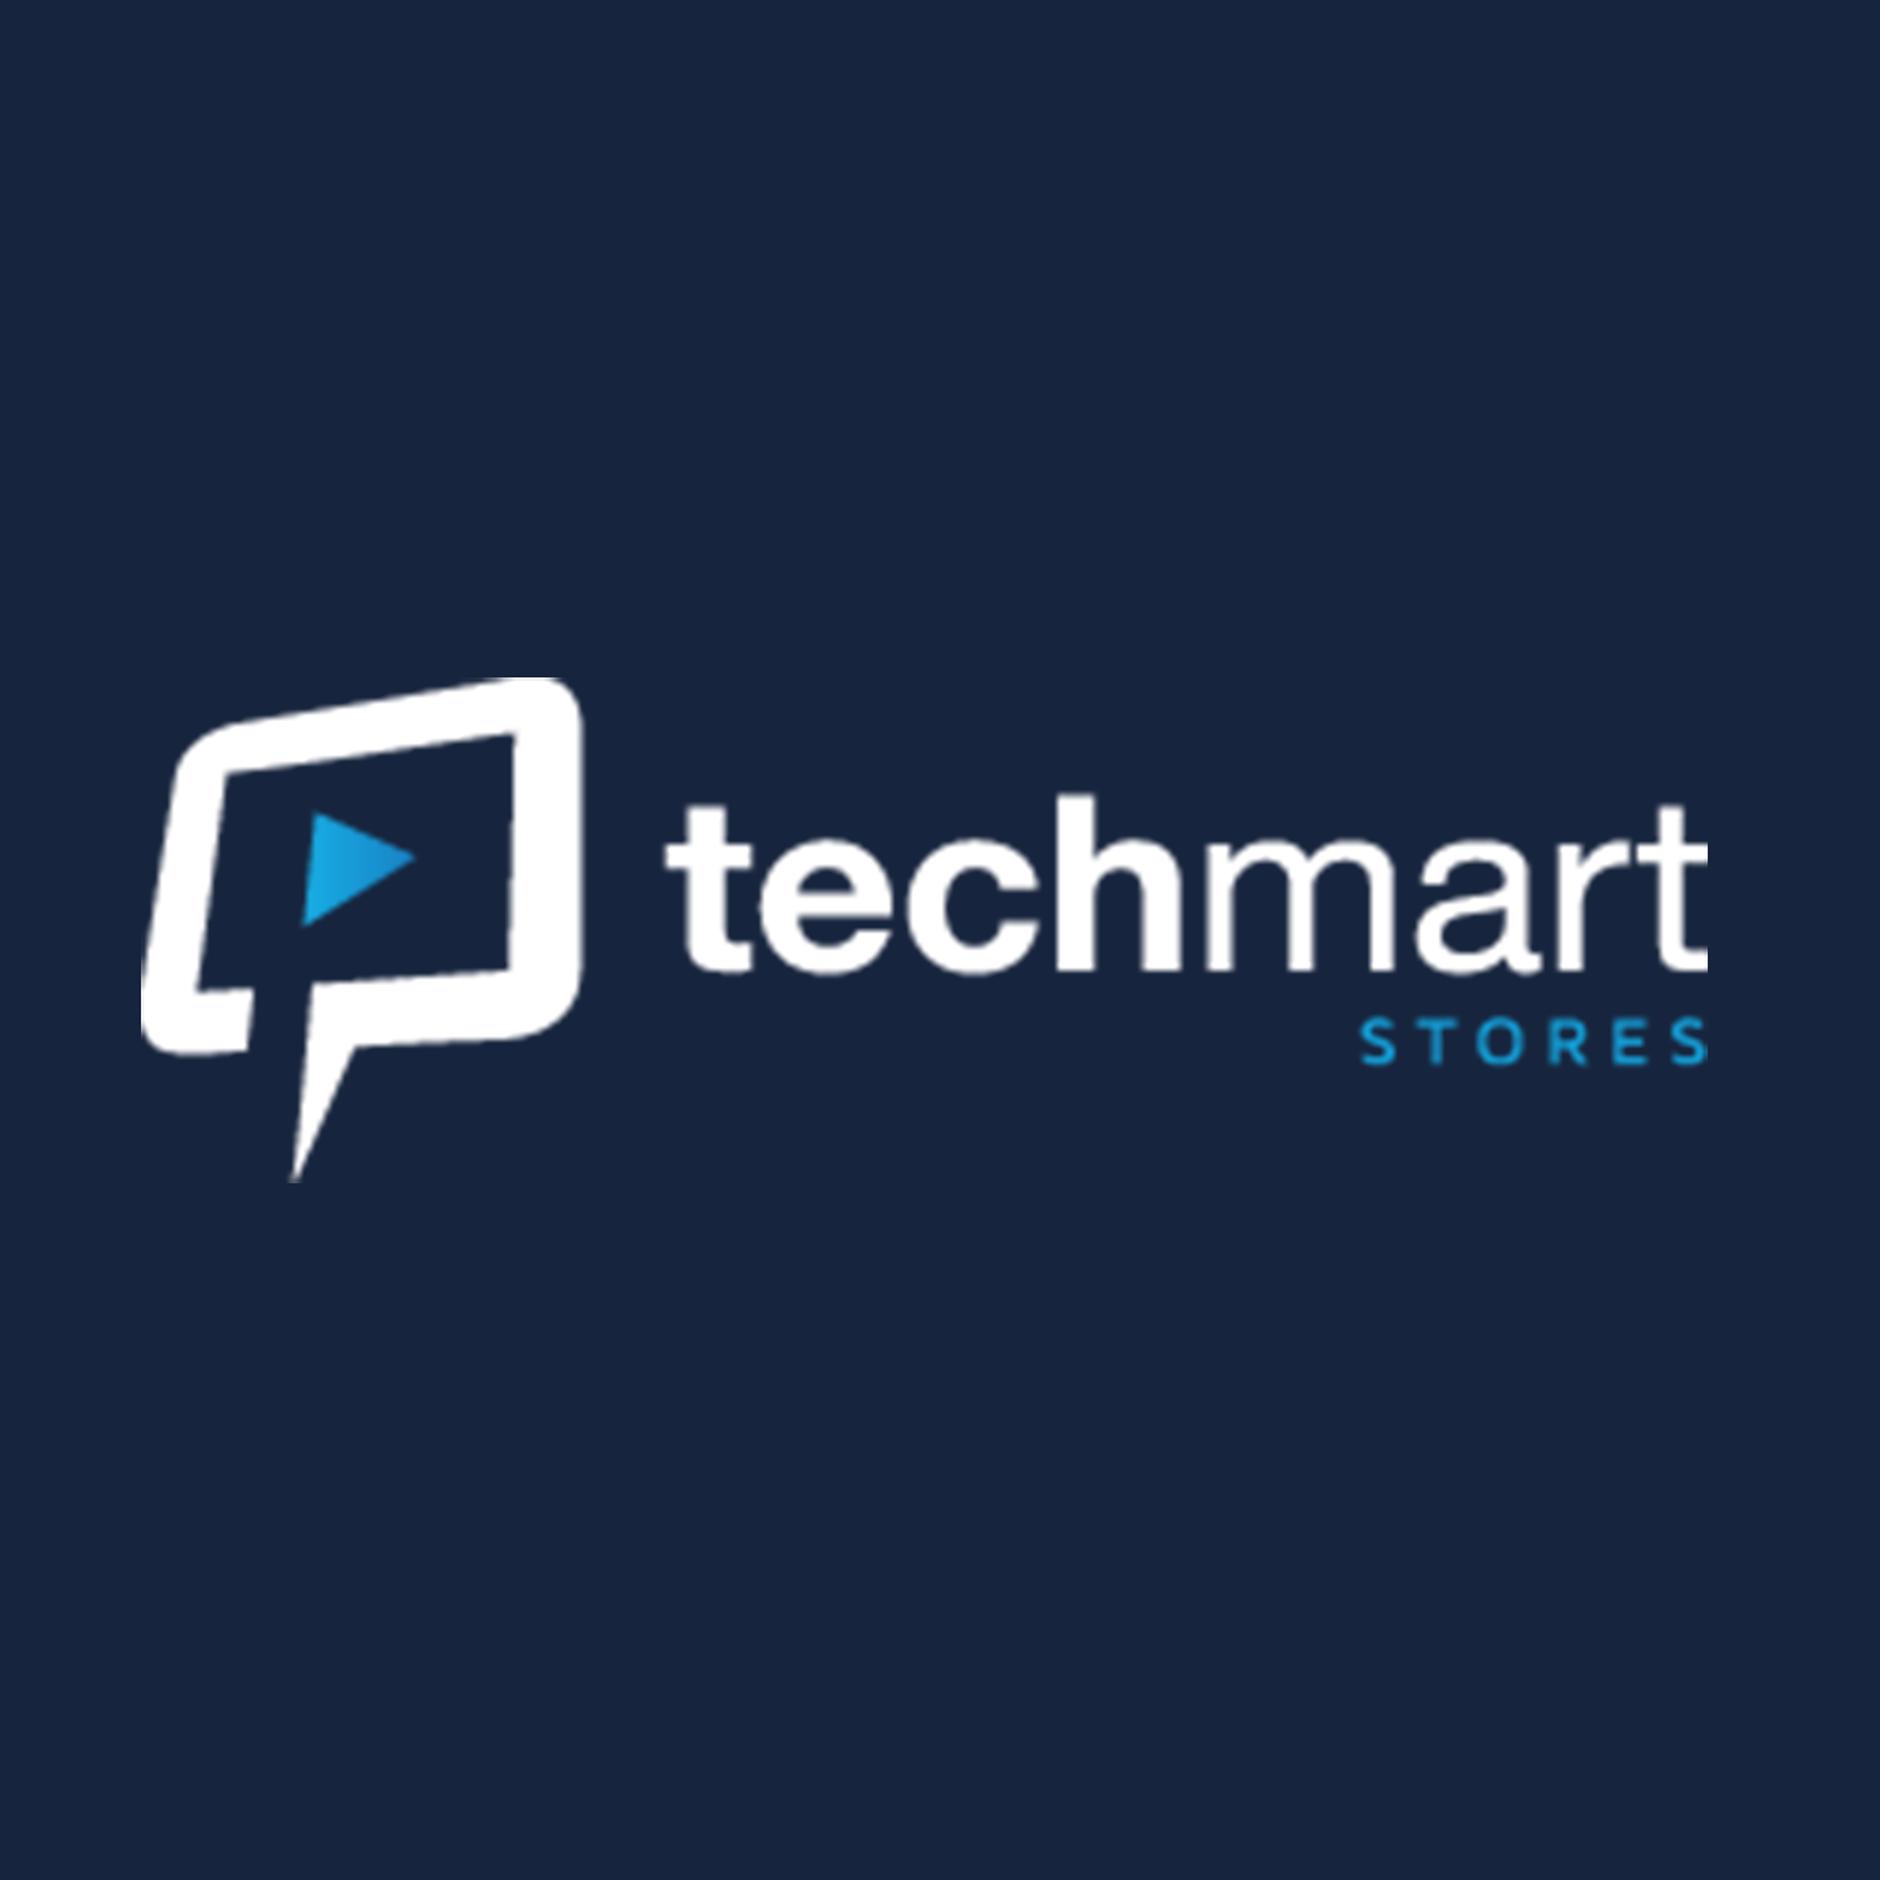 تك مارت ستورز TechMart Stores